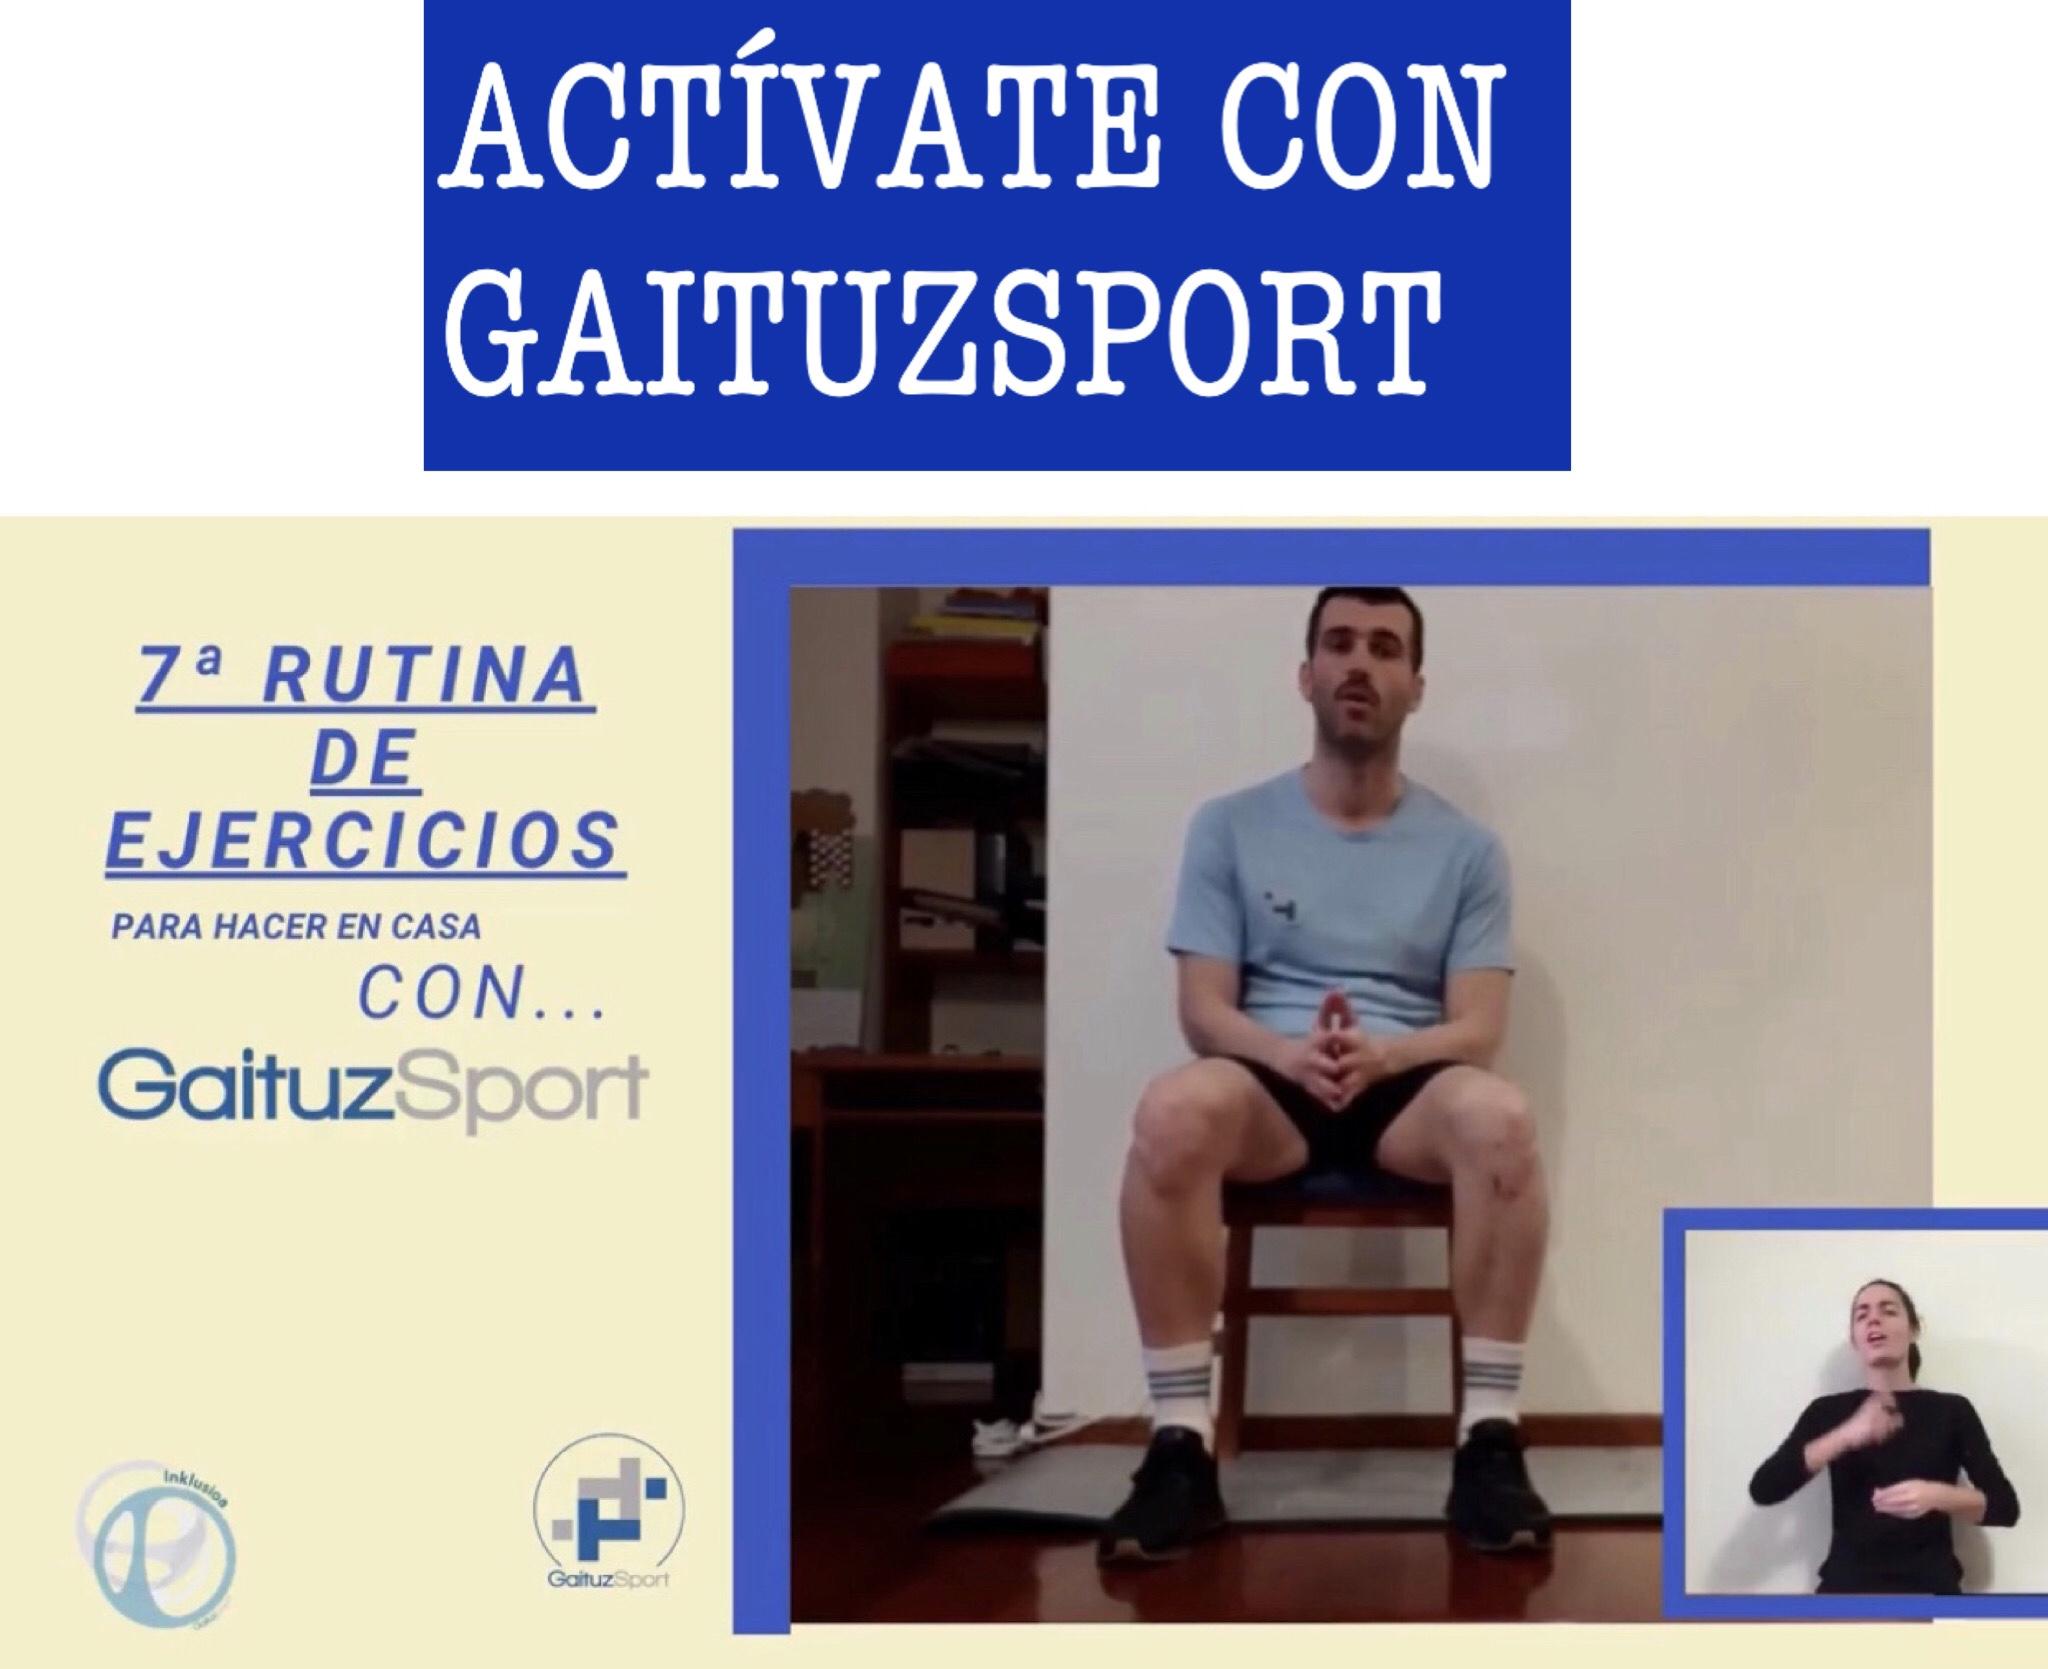 Rutina 7 Actívate con GaituzSport